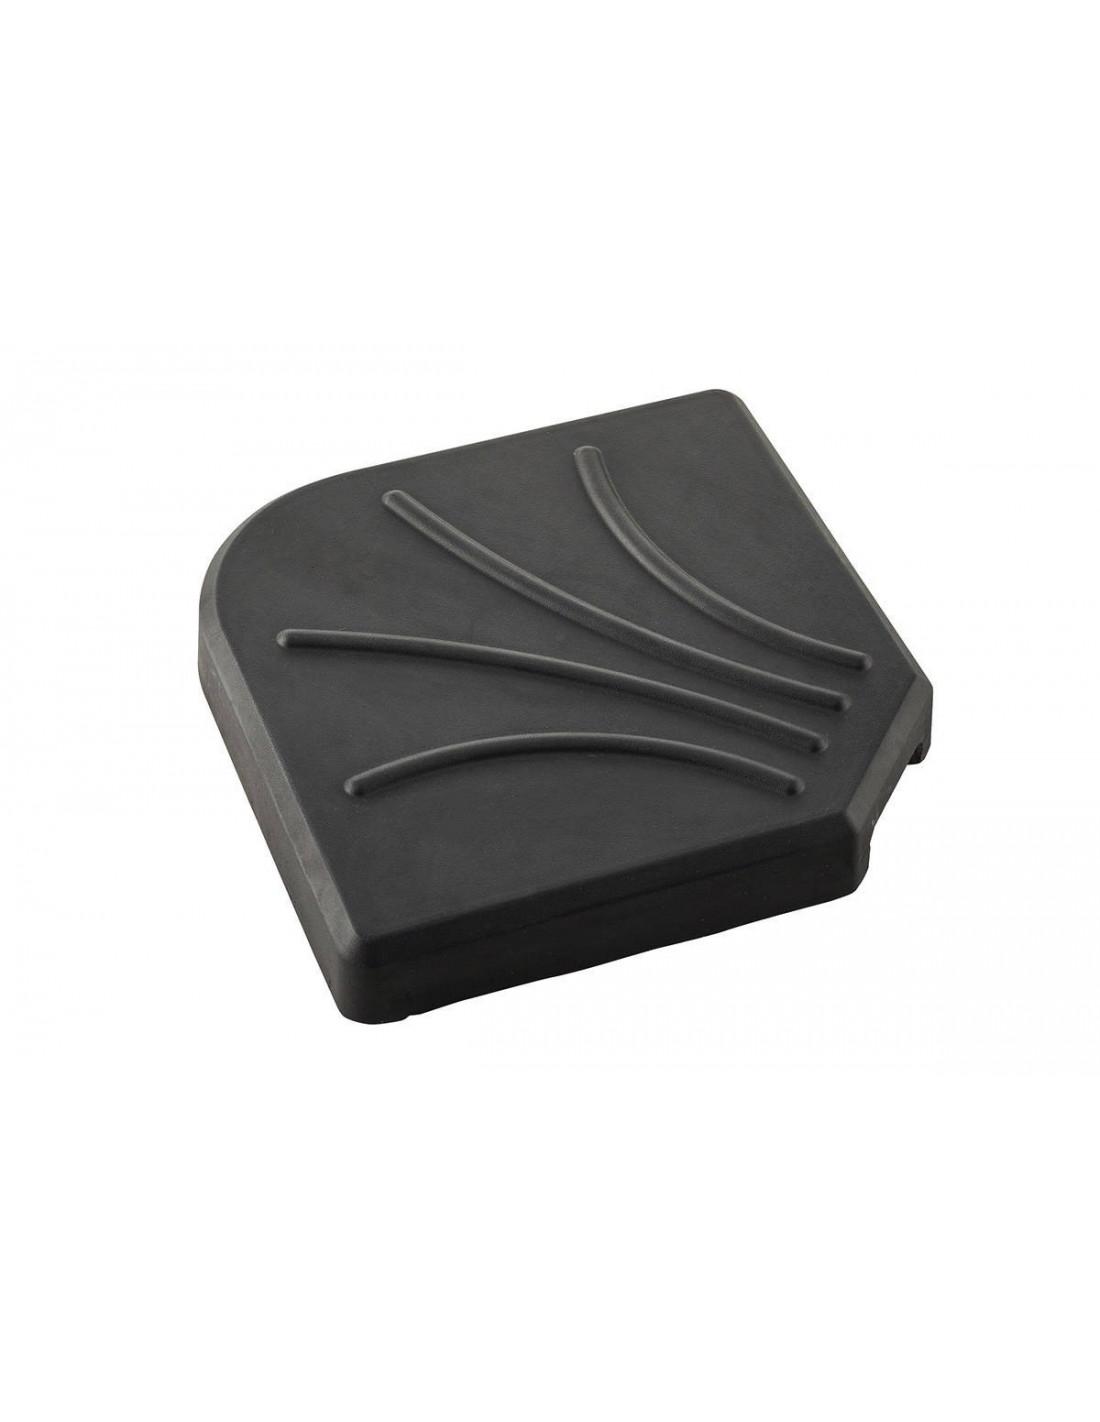 dalle pour parasol d port 15 kg b ton hesp ride. Black Bedroom Furniture Sets. Home Design Ideas